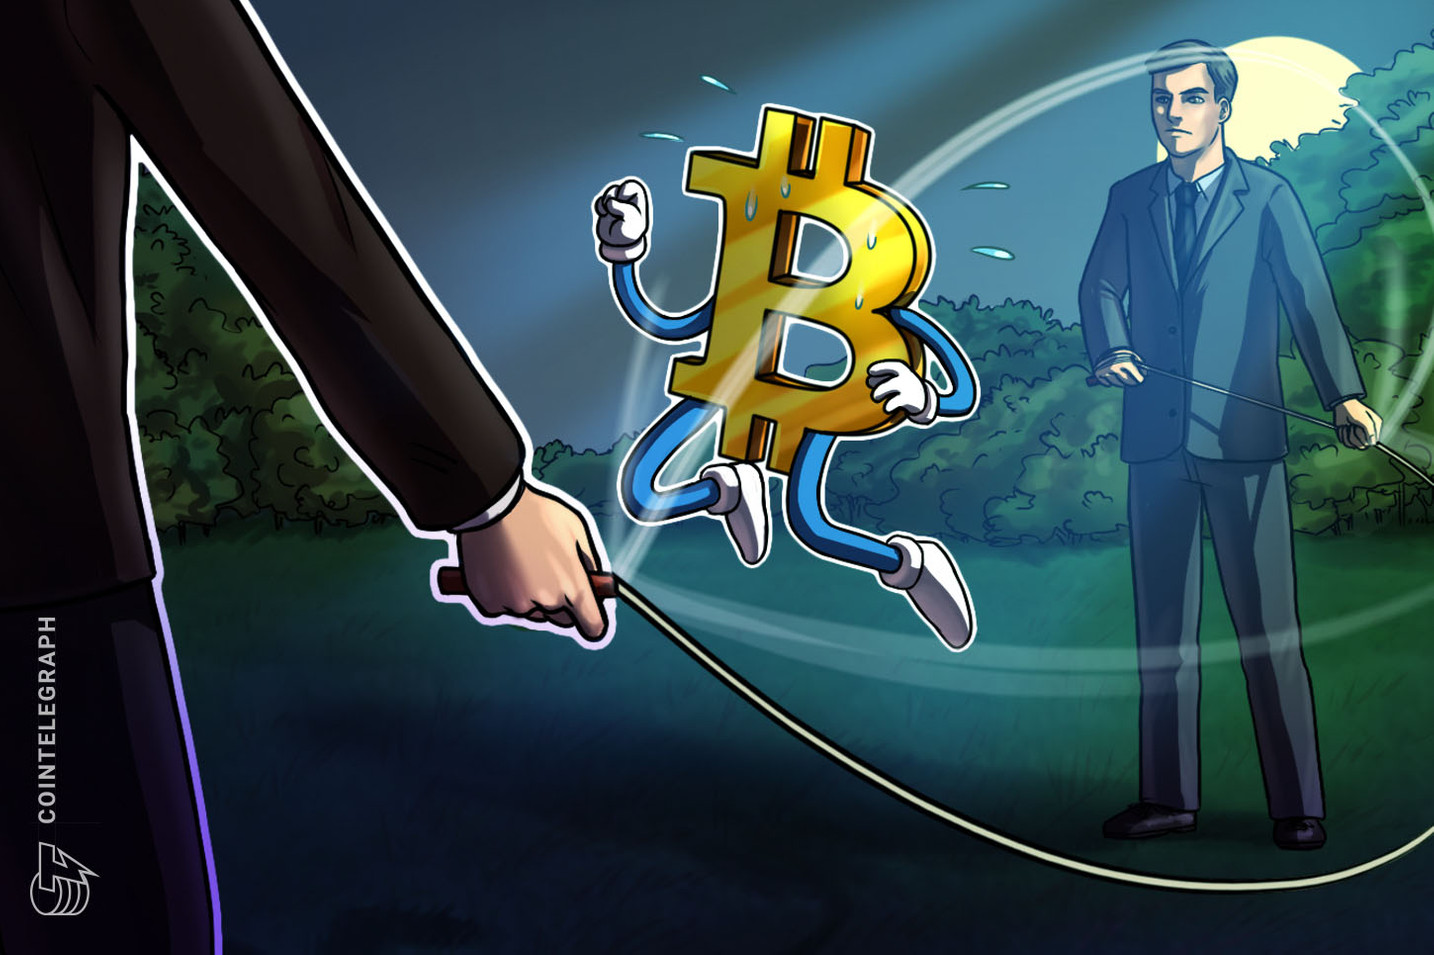 Preço do Bitcoin chega aos US$ 8.000 e analistas alertam que o mercado está em baixa